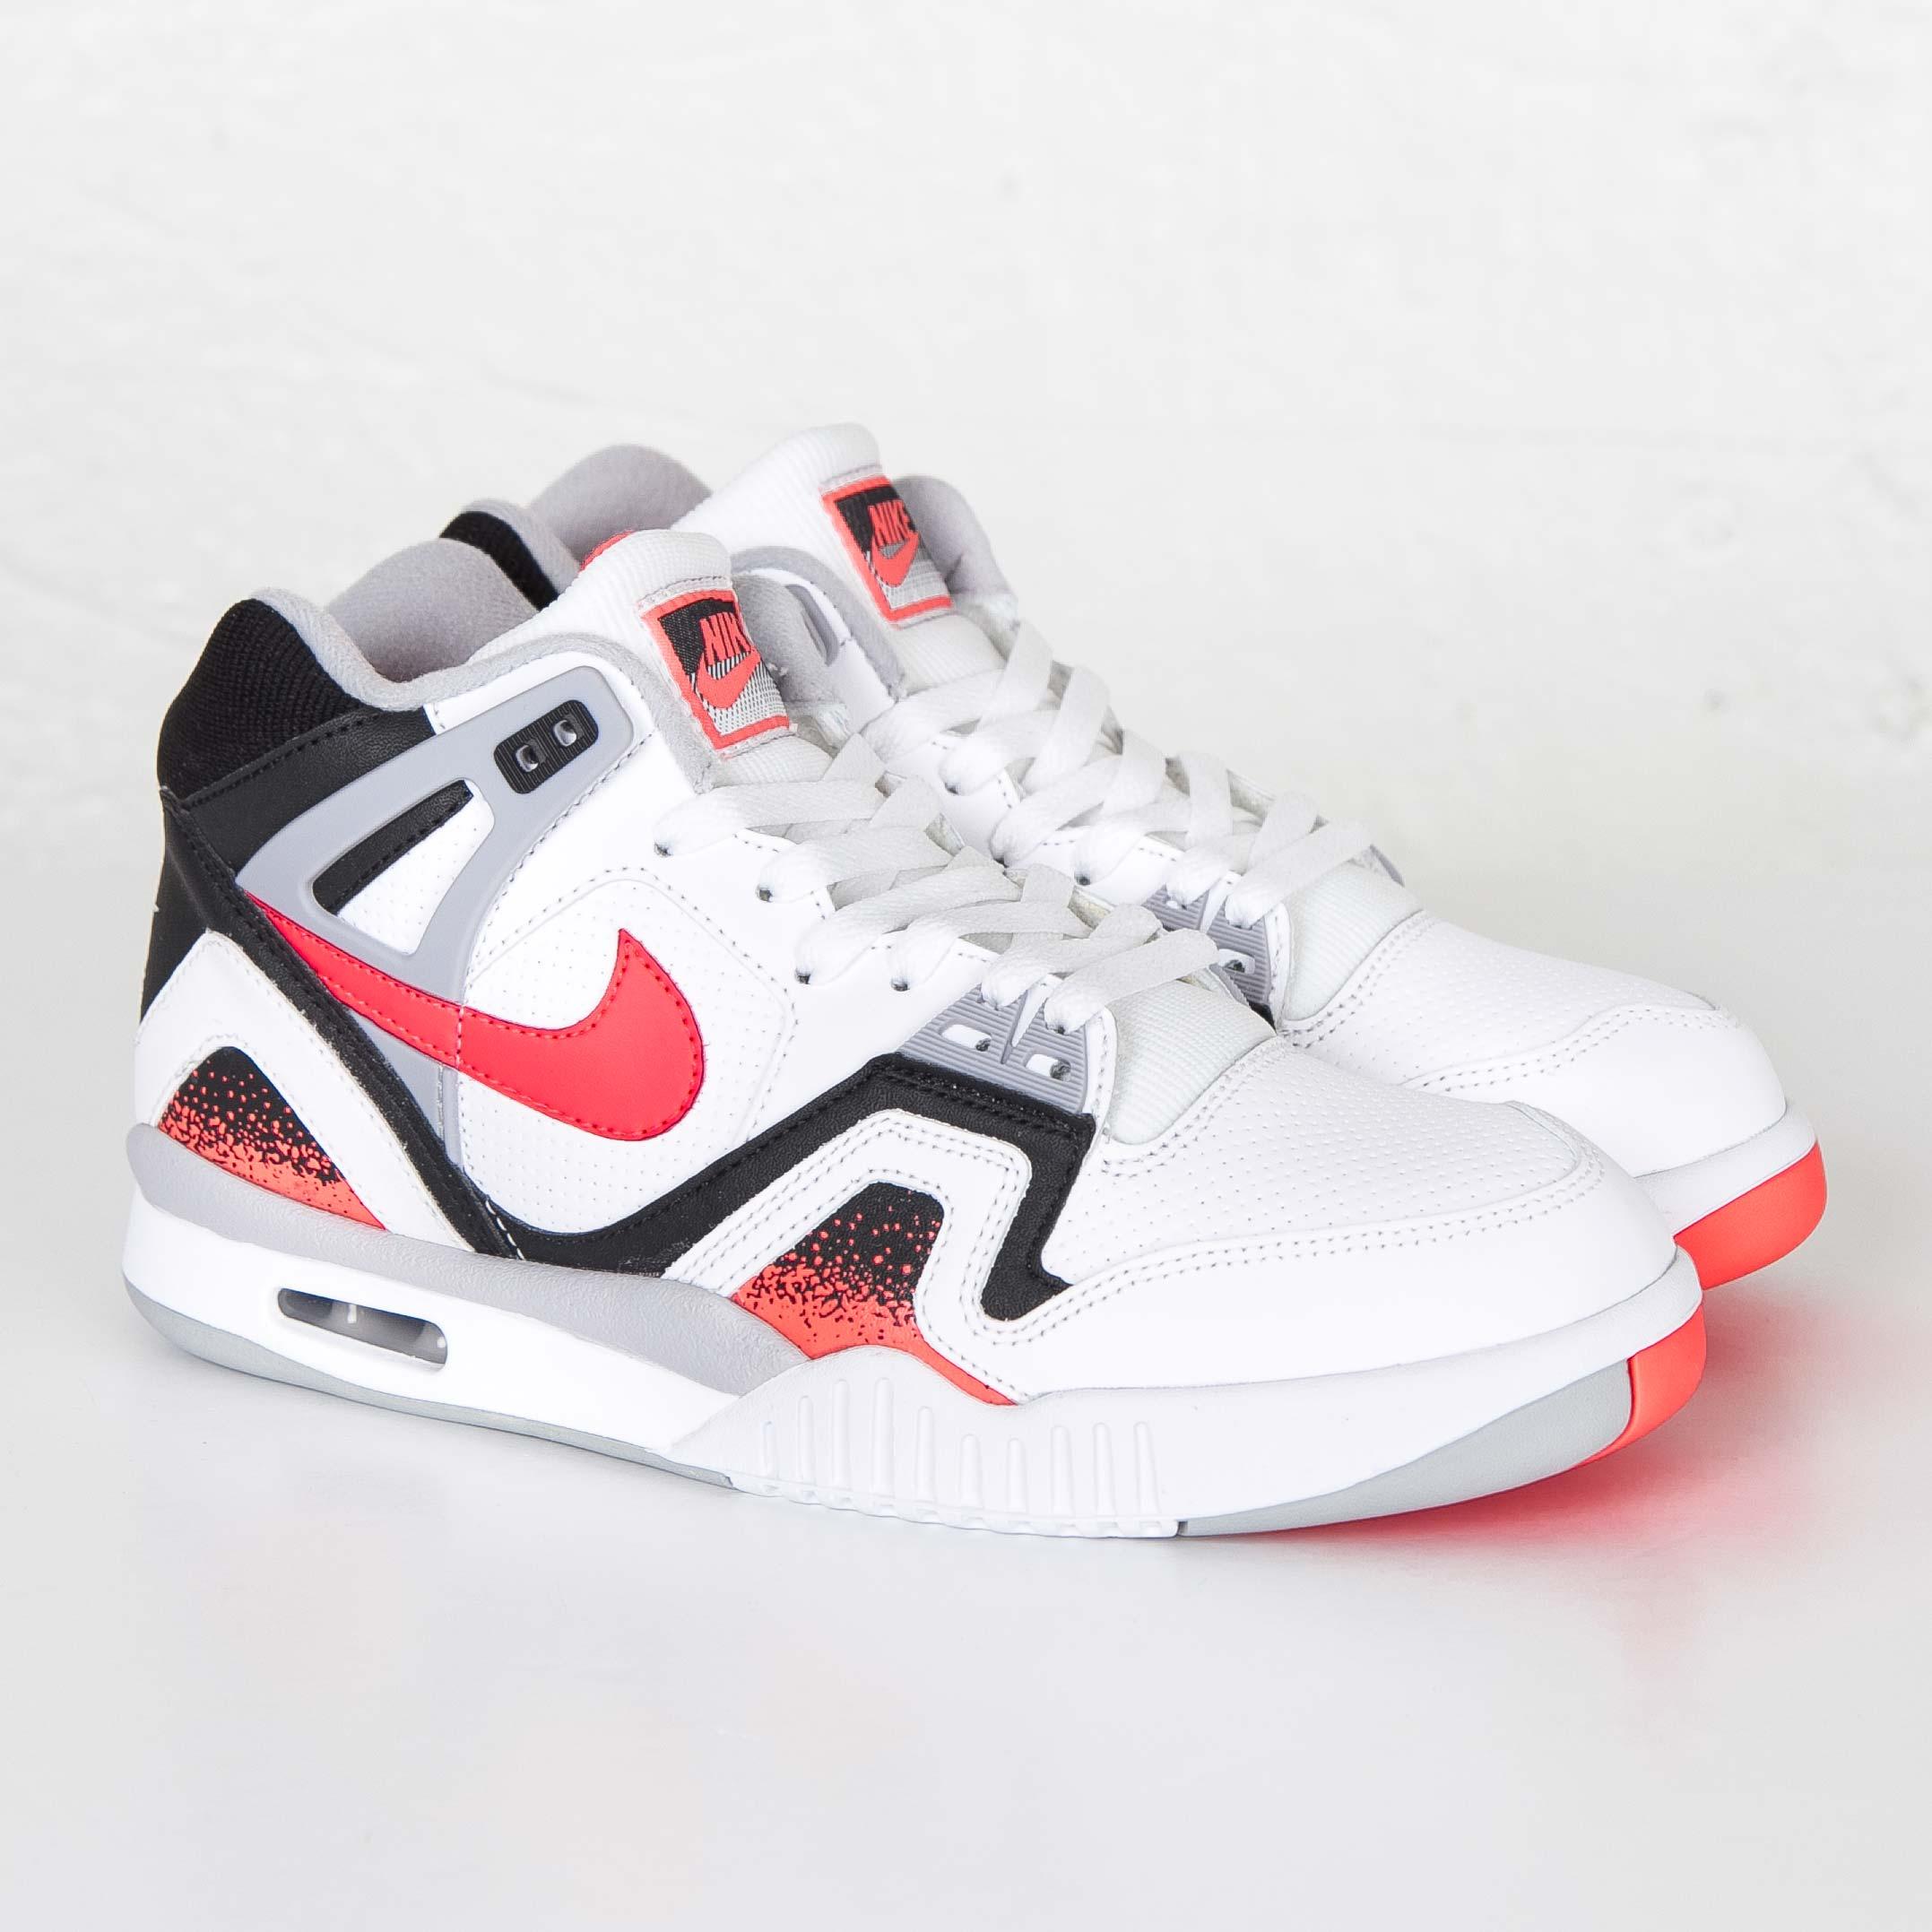 Challenge Ii 318408 104 I Nike Tech Sneakersnstuff Air VqSzpUM